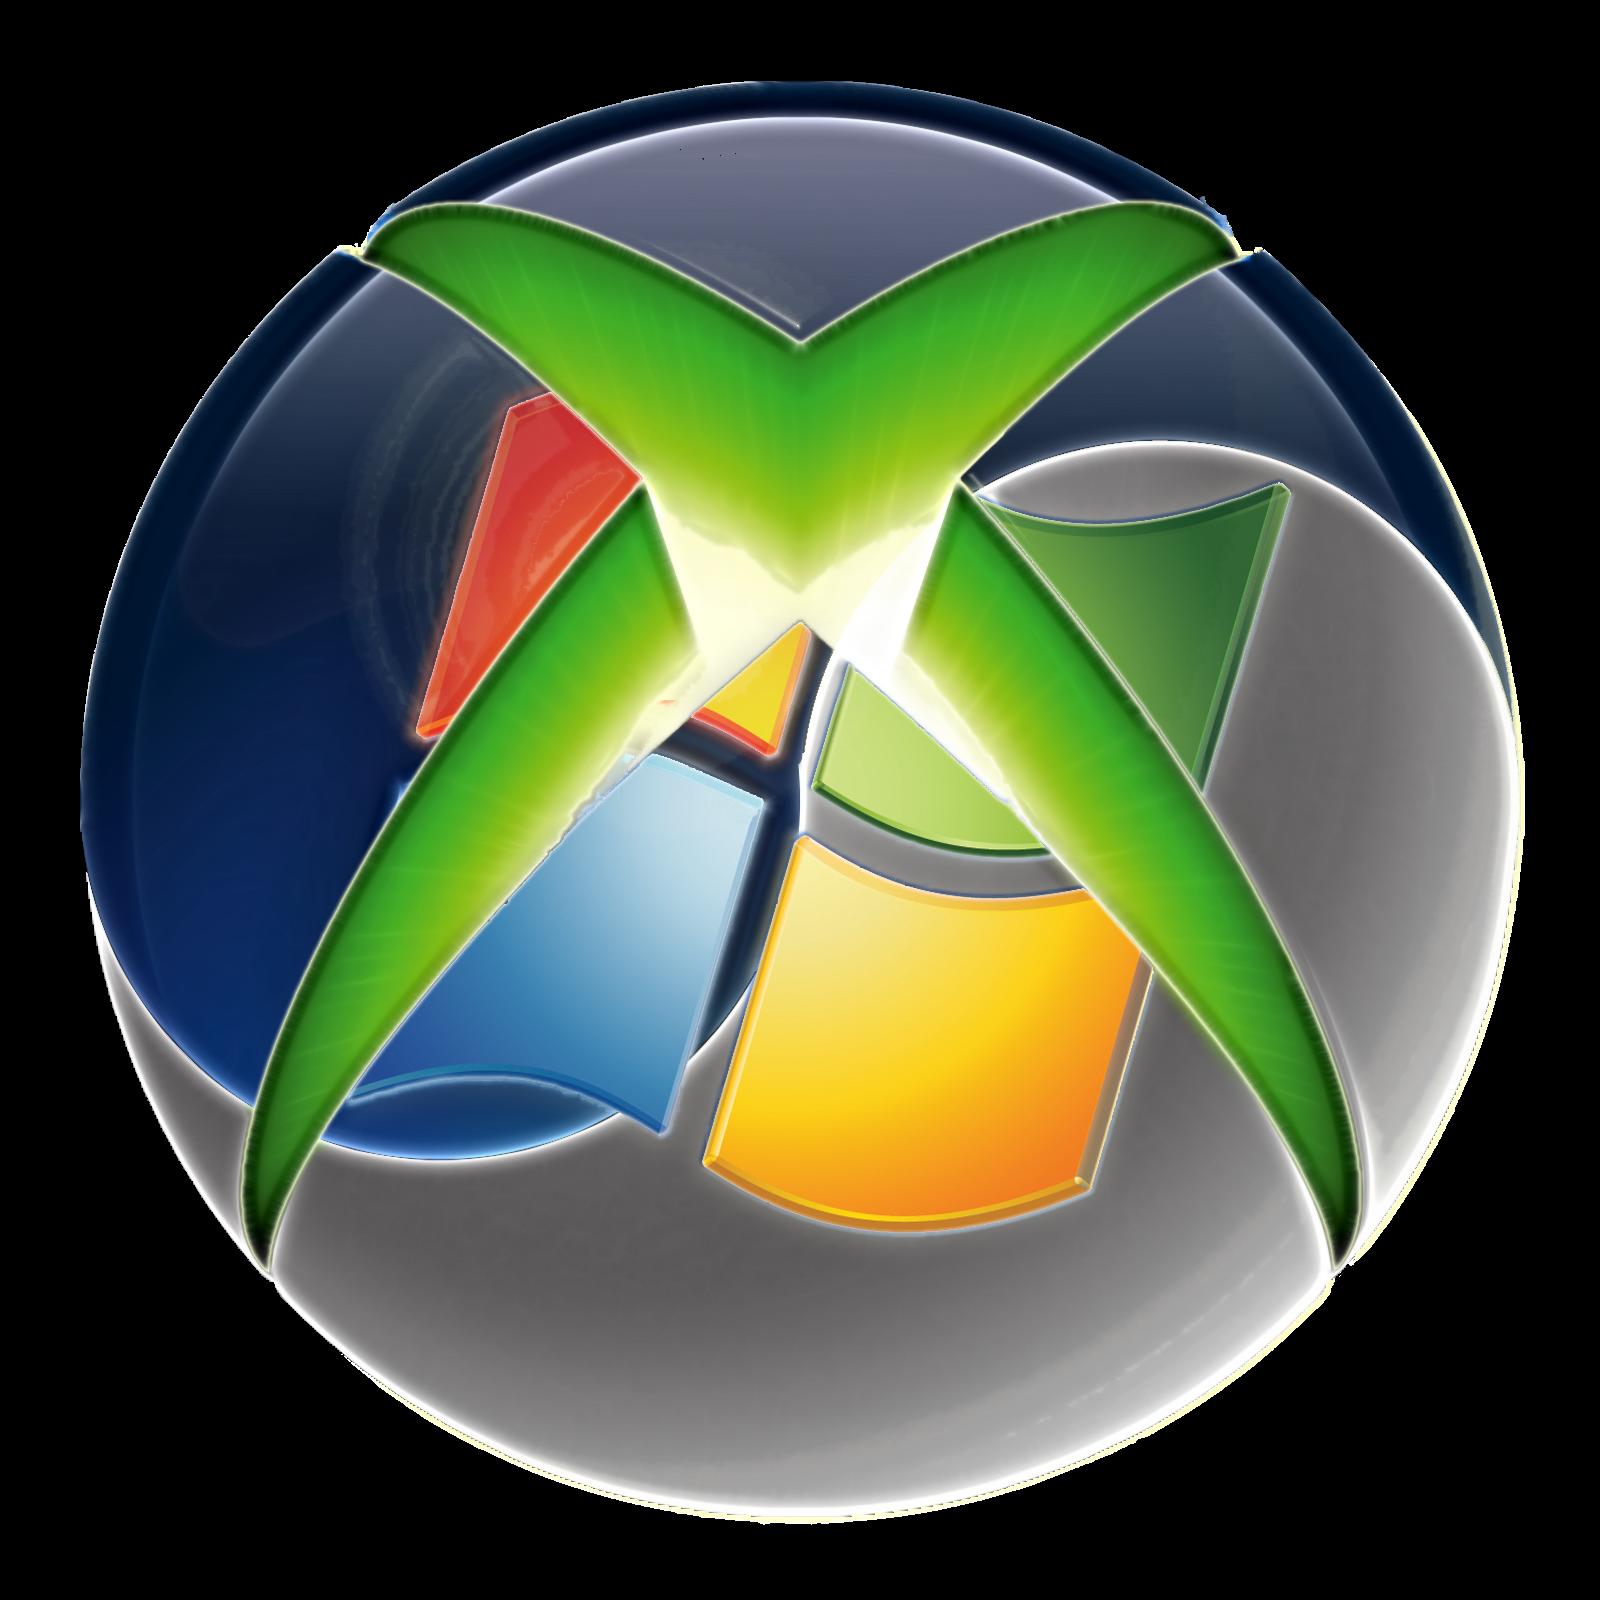 all xbox windows logos #2502